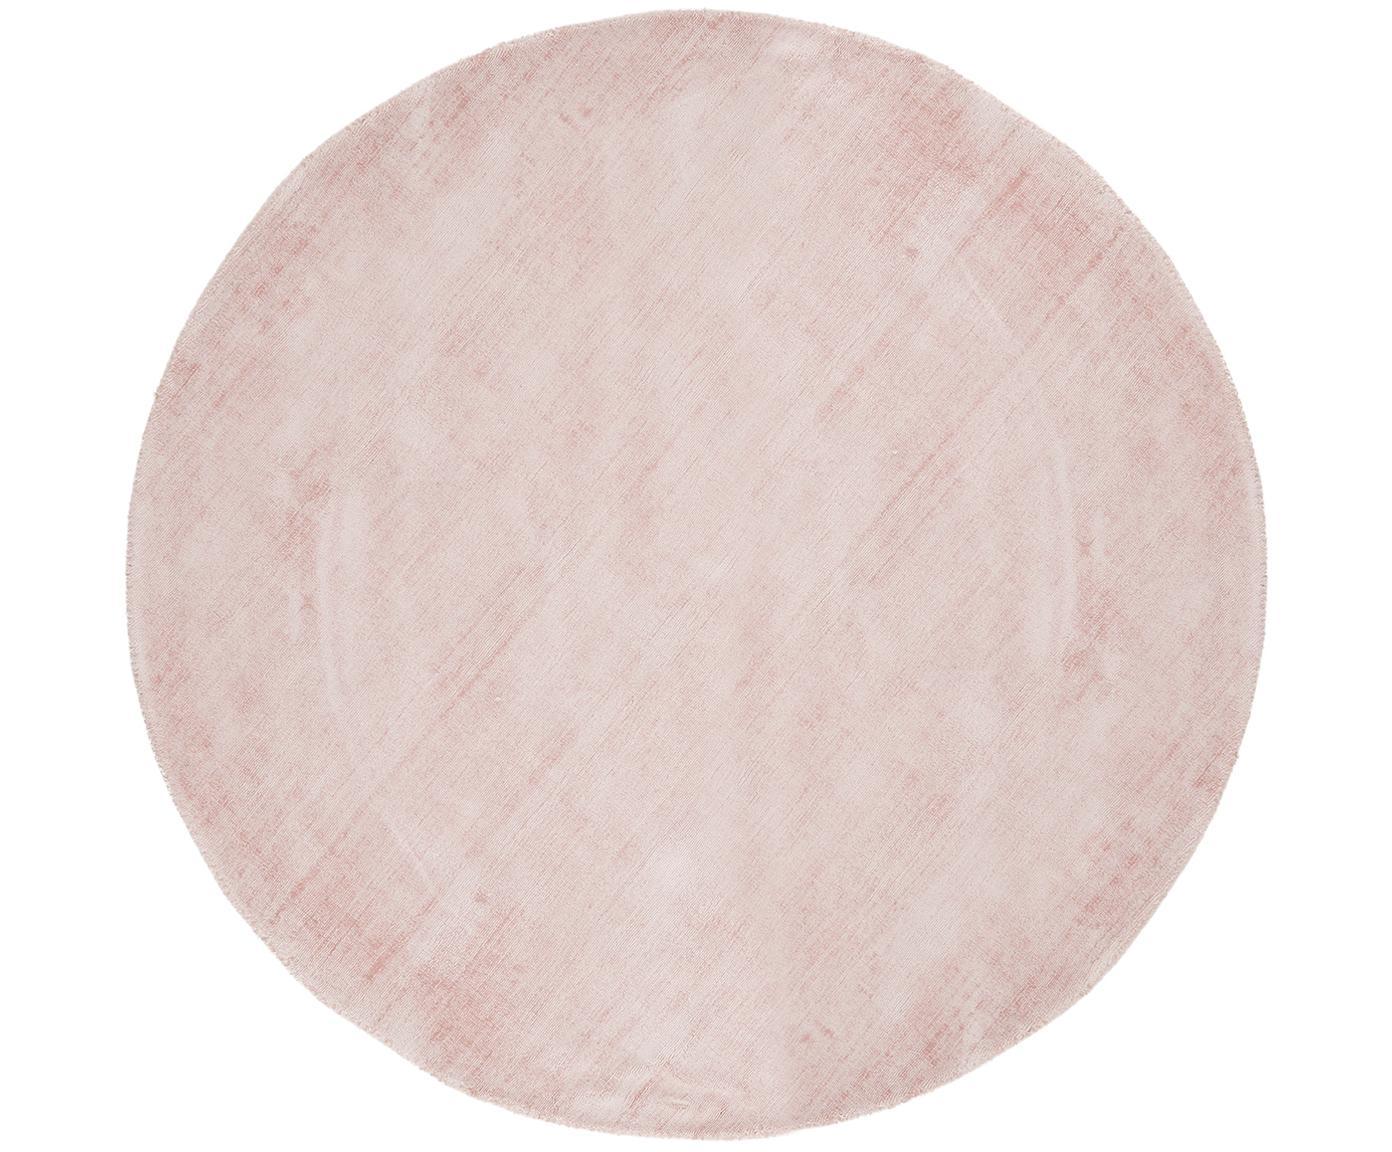 Handgeweven viscose vloerkleed Jane, Bovenzijde: 100% viscose, Onderzijde: 100% katoen, Roze, Ø 200 cm